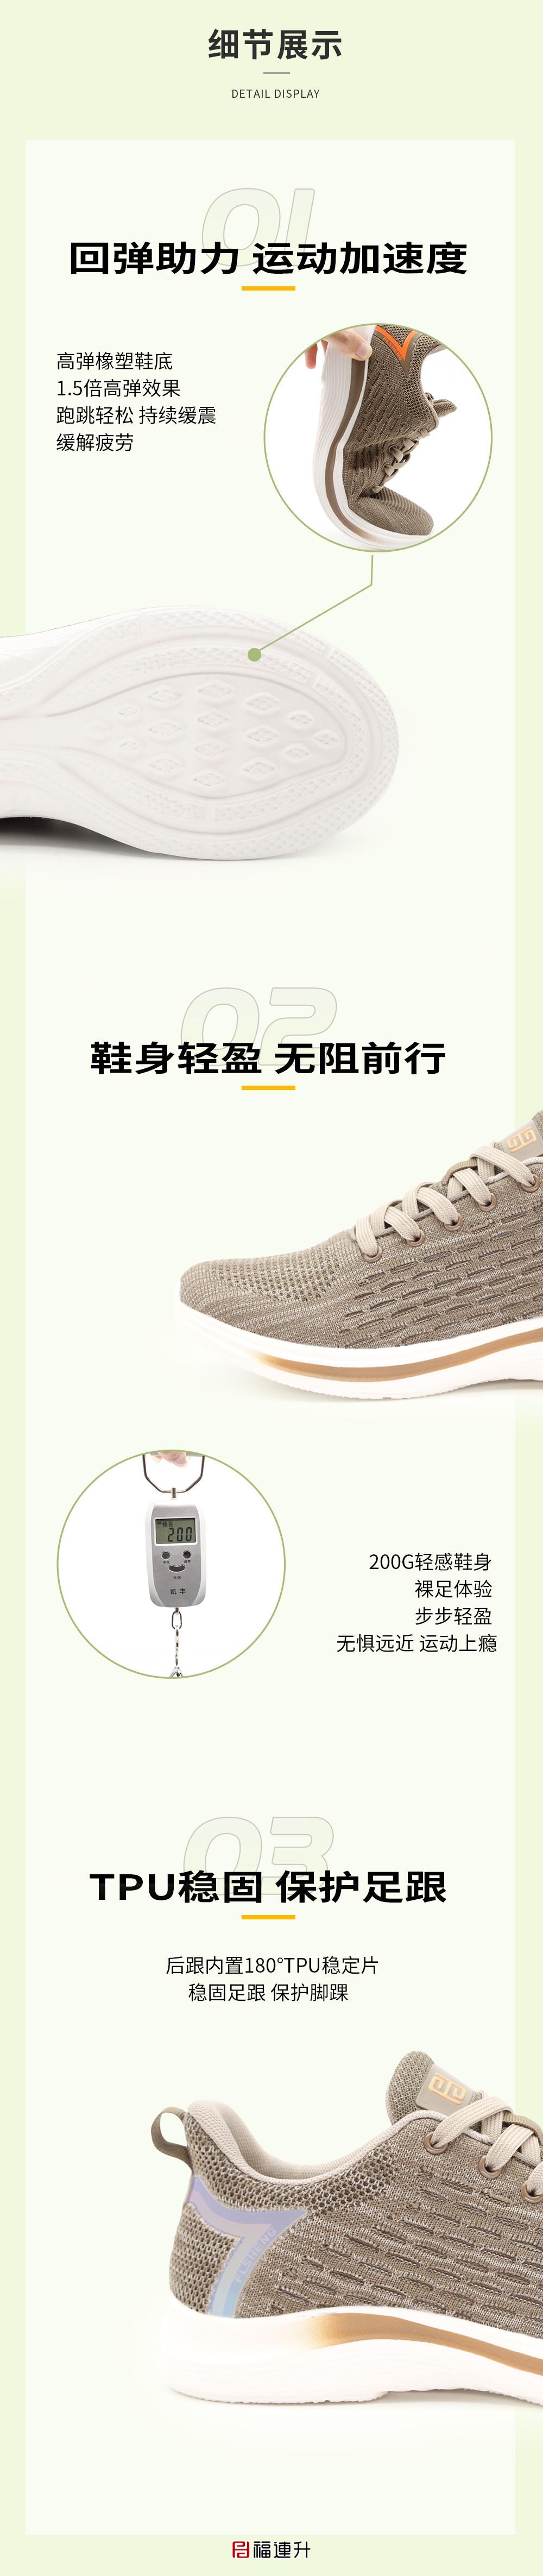 棉麻舒适透气休闲鞋男单运动鞋平底超轻舒适跑鞋图片